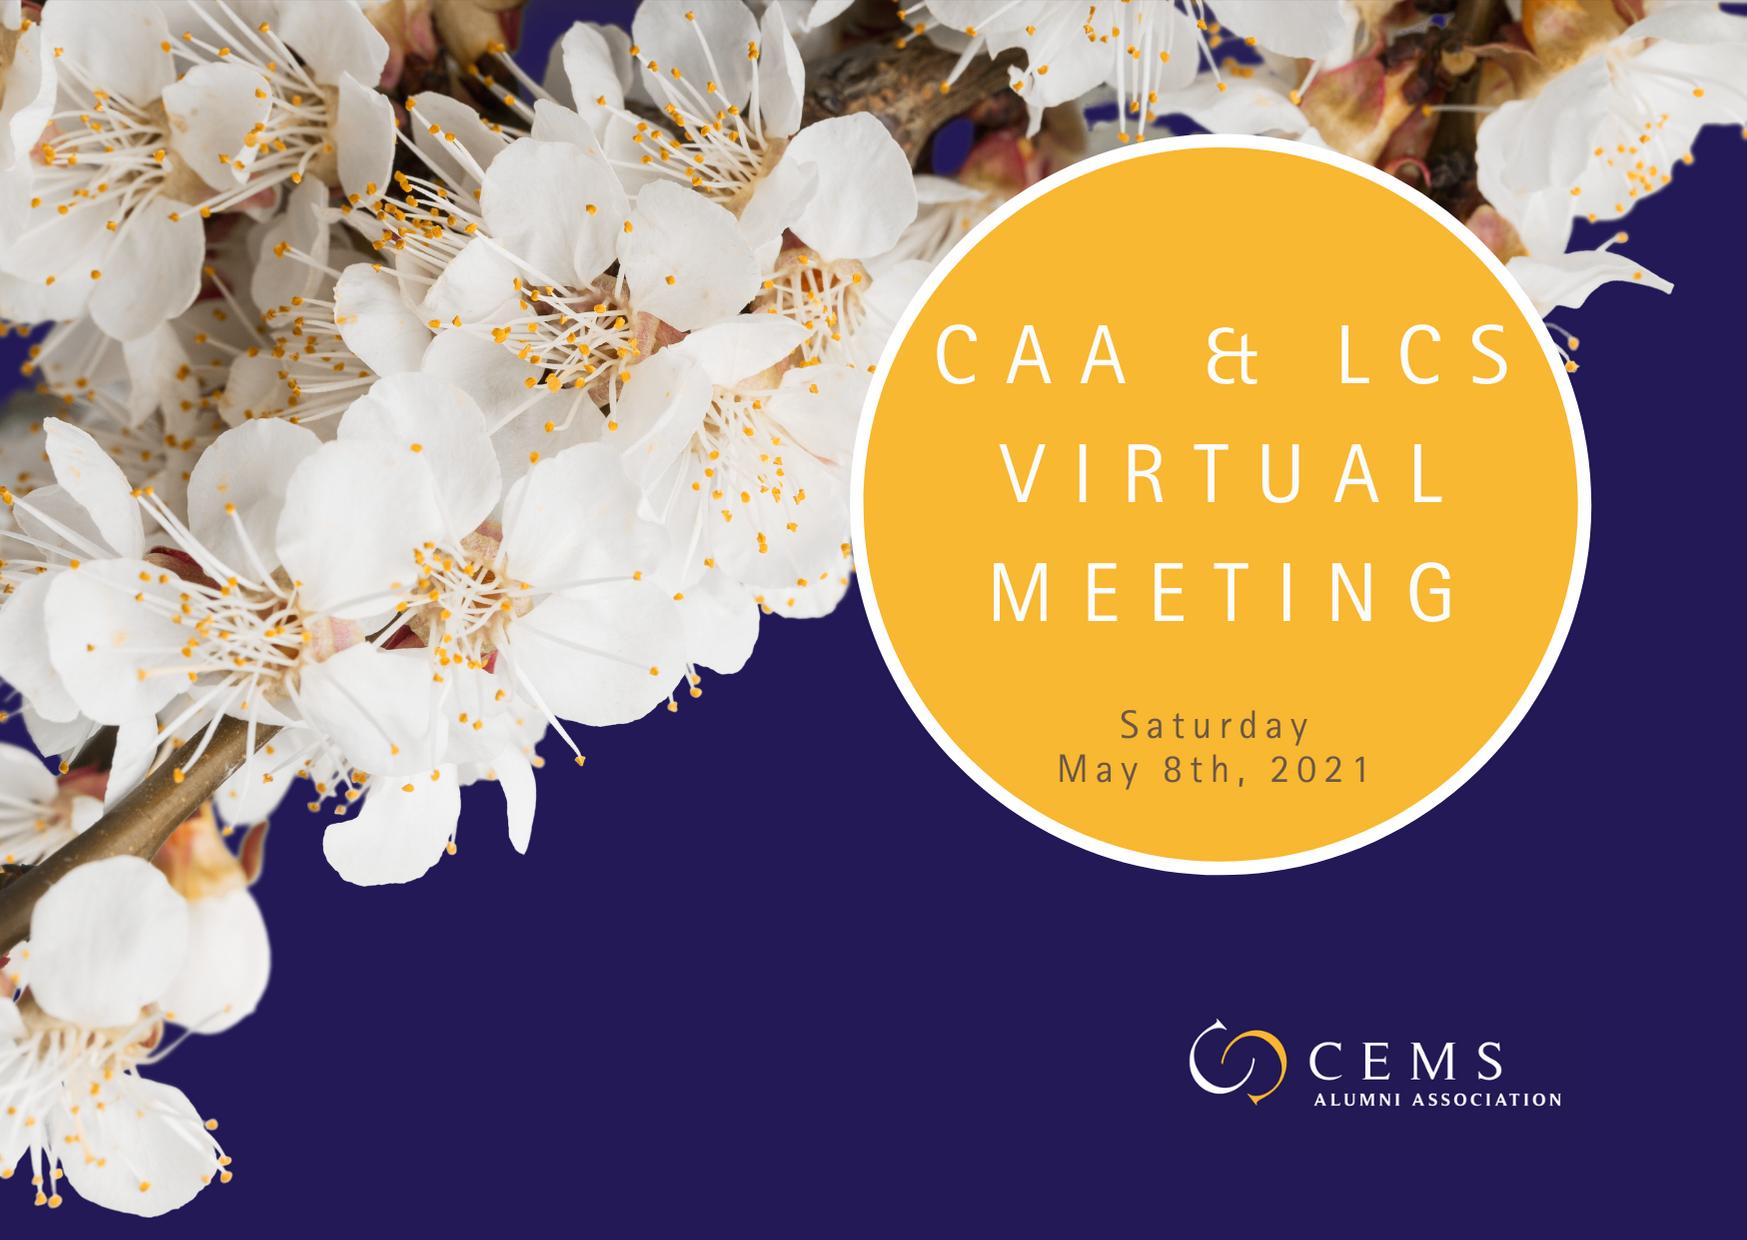 CAA_LCs Meeting_8 MAY 2021